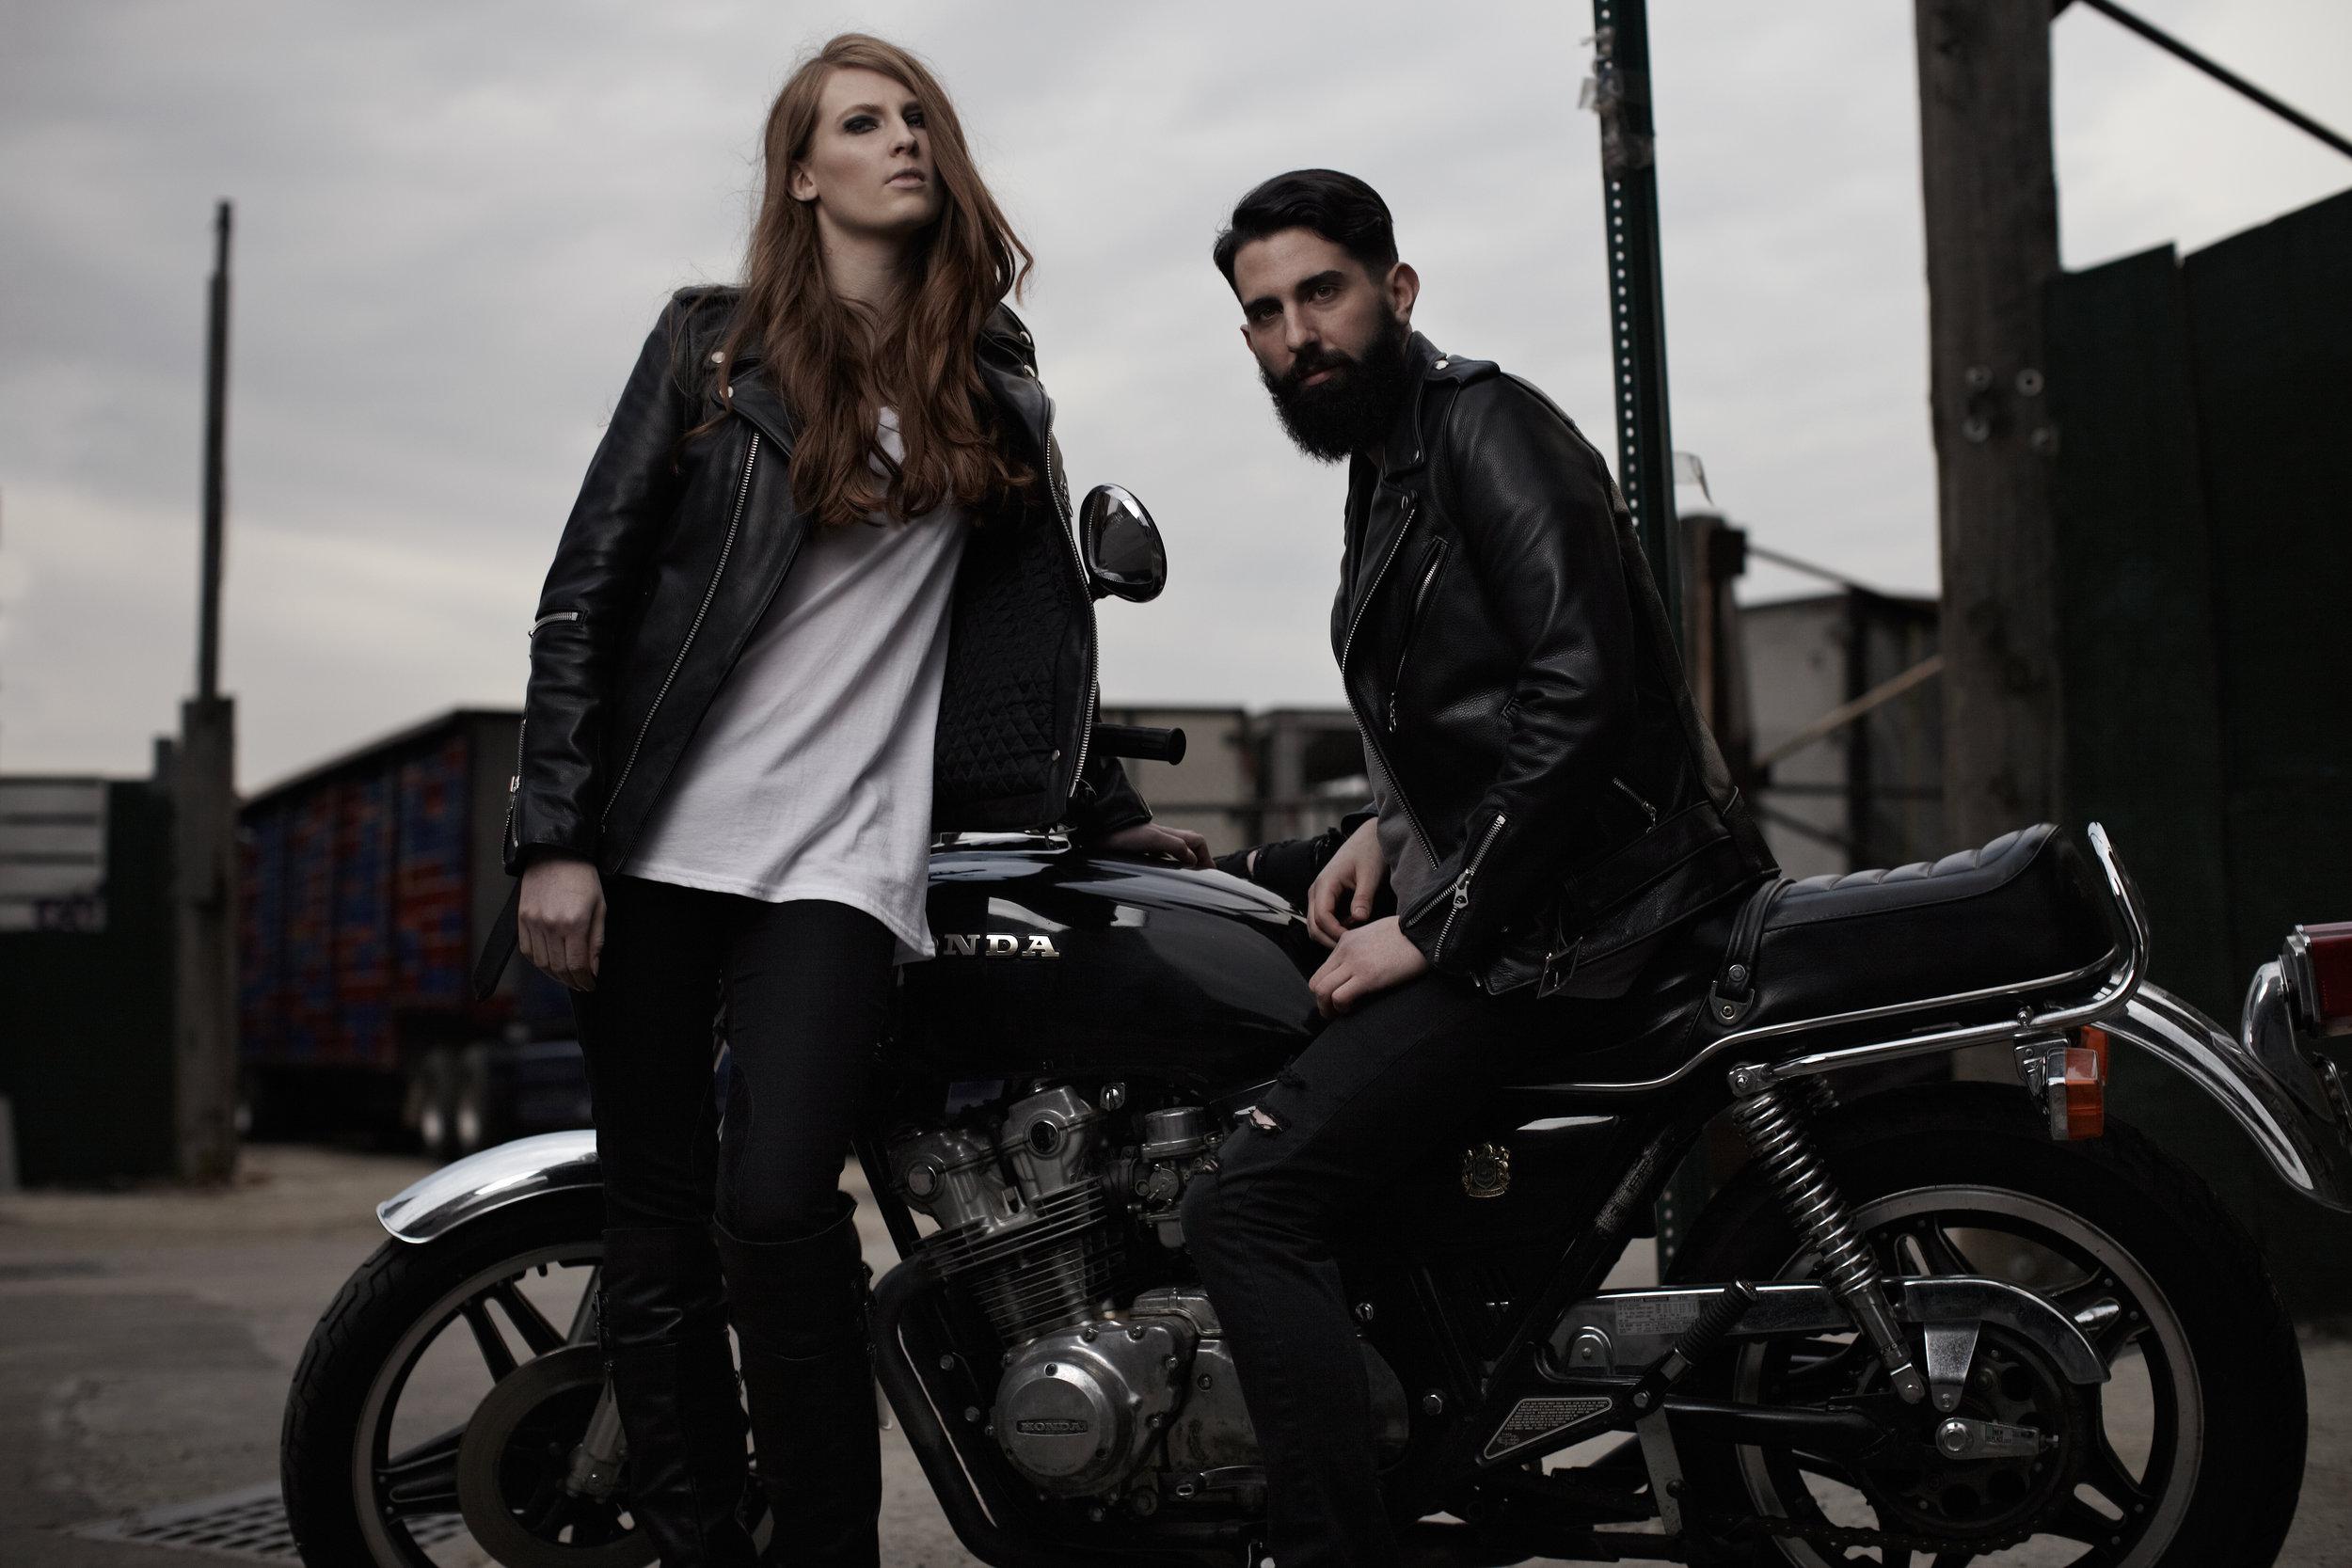 Editorial_Outside_Motorcycle2_edit2.jpg